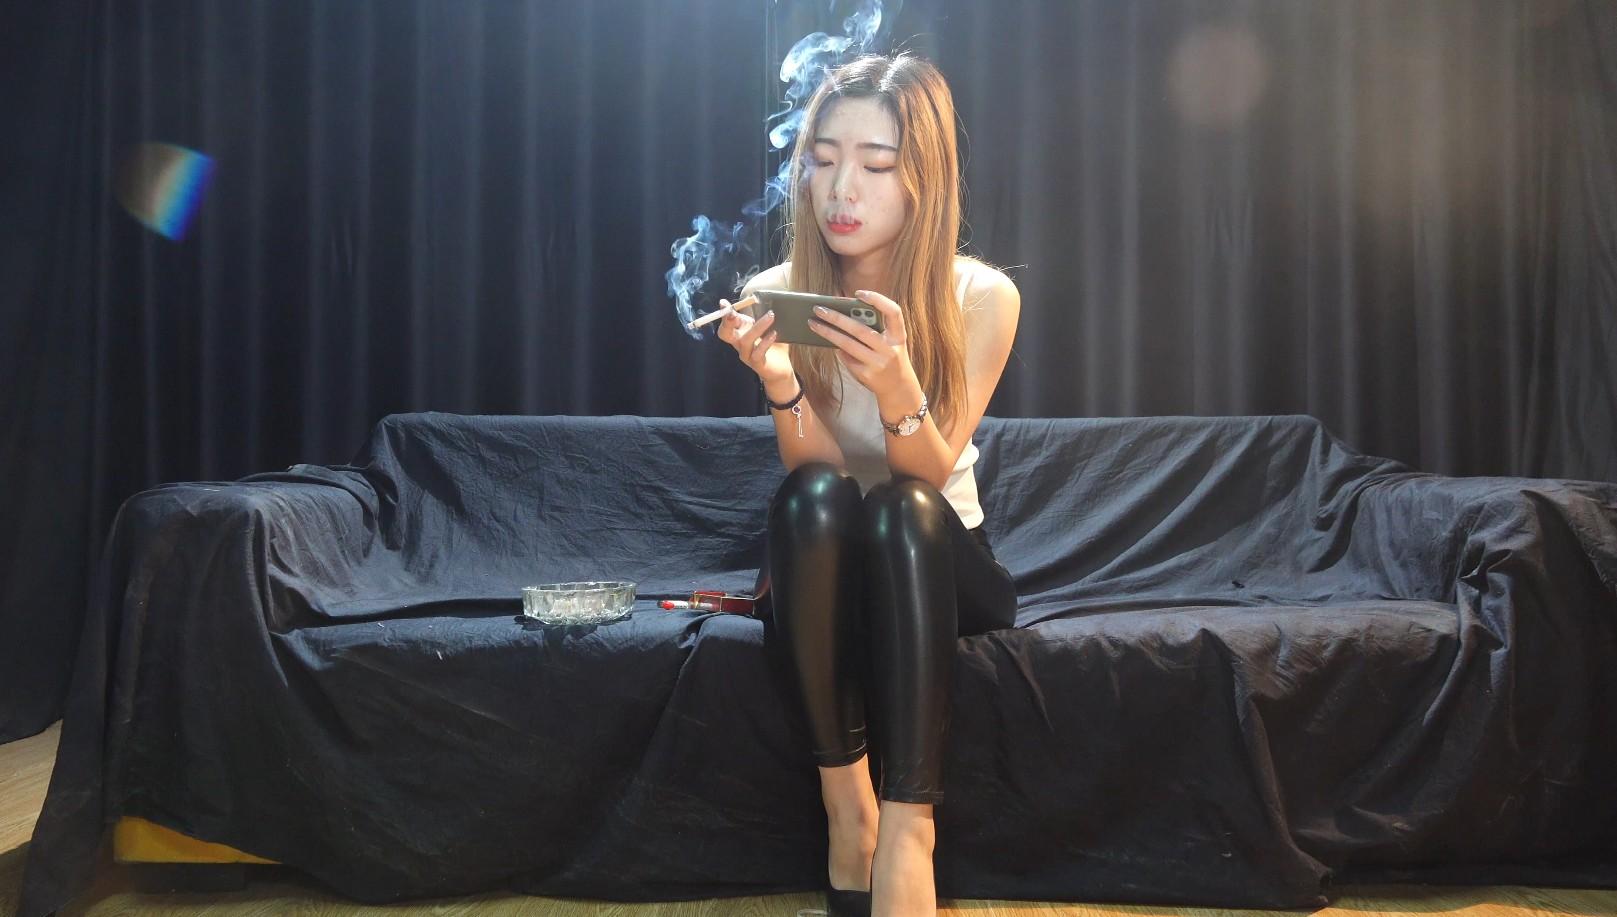 甜美小女友佳佳琪抽烟玩游戏顾不上其它